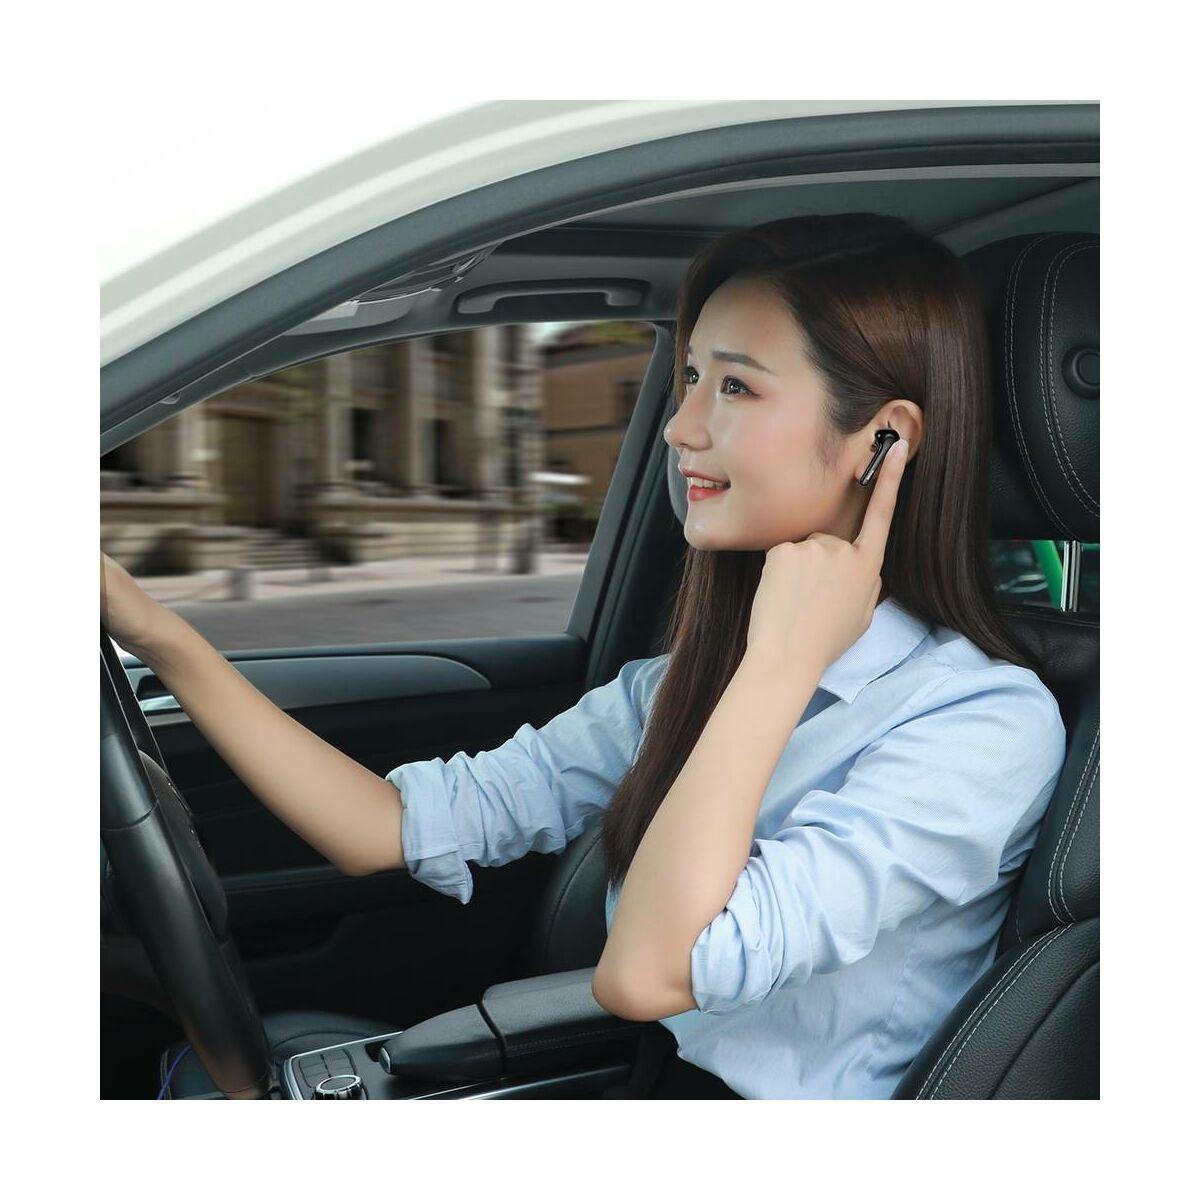 Baseus fülhallgató, Bluetooth Encok W07 True Wireless, vezeték nélküli, dual mikrofon BT 5.0 TWS, fekete (NGW07-01)